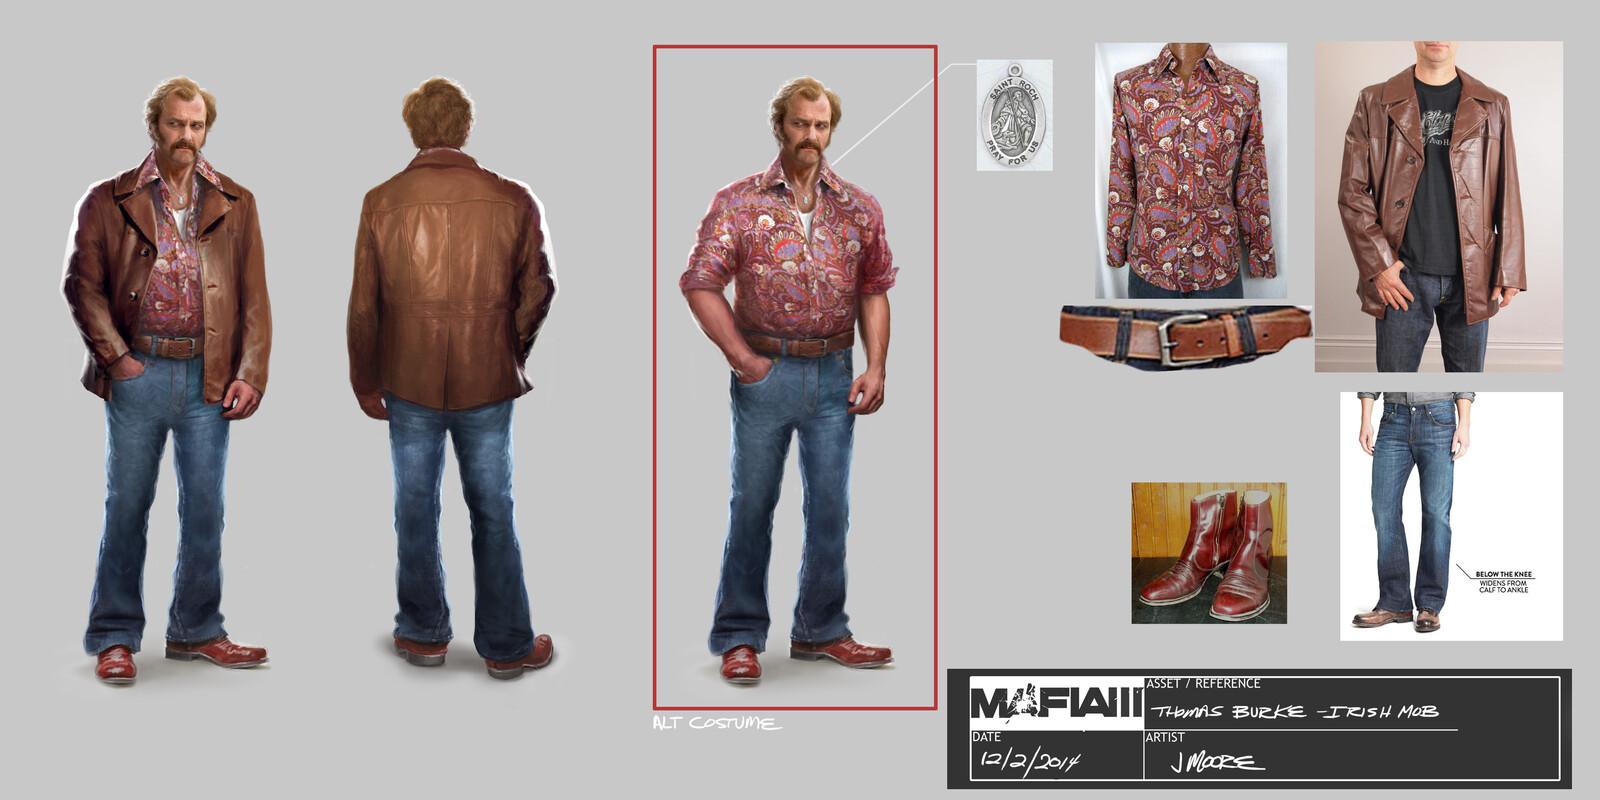 Mafia 3 character designs